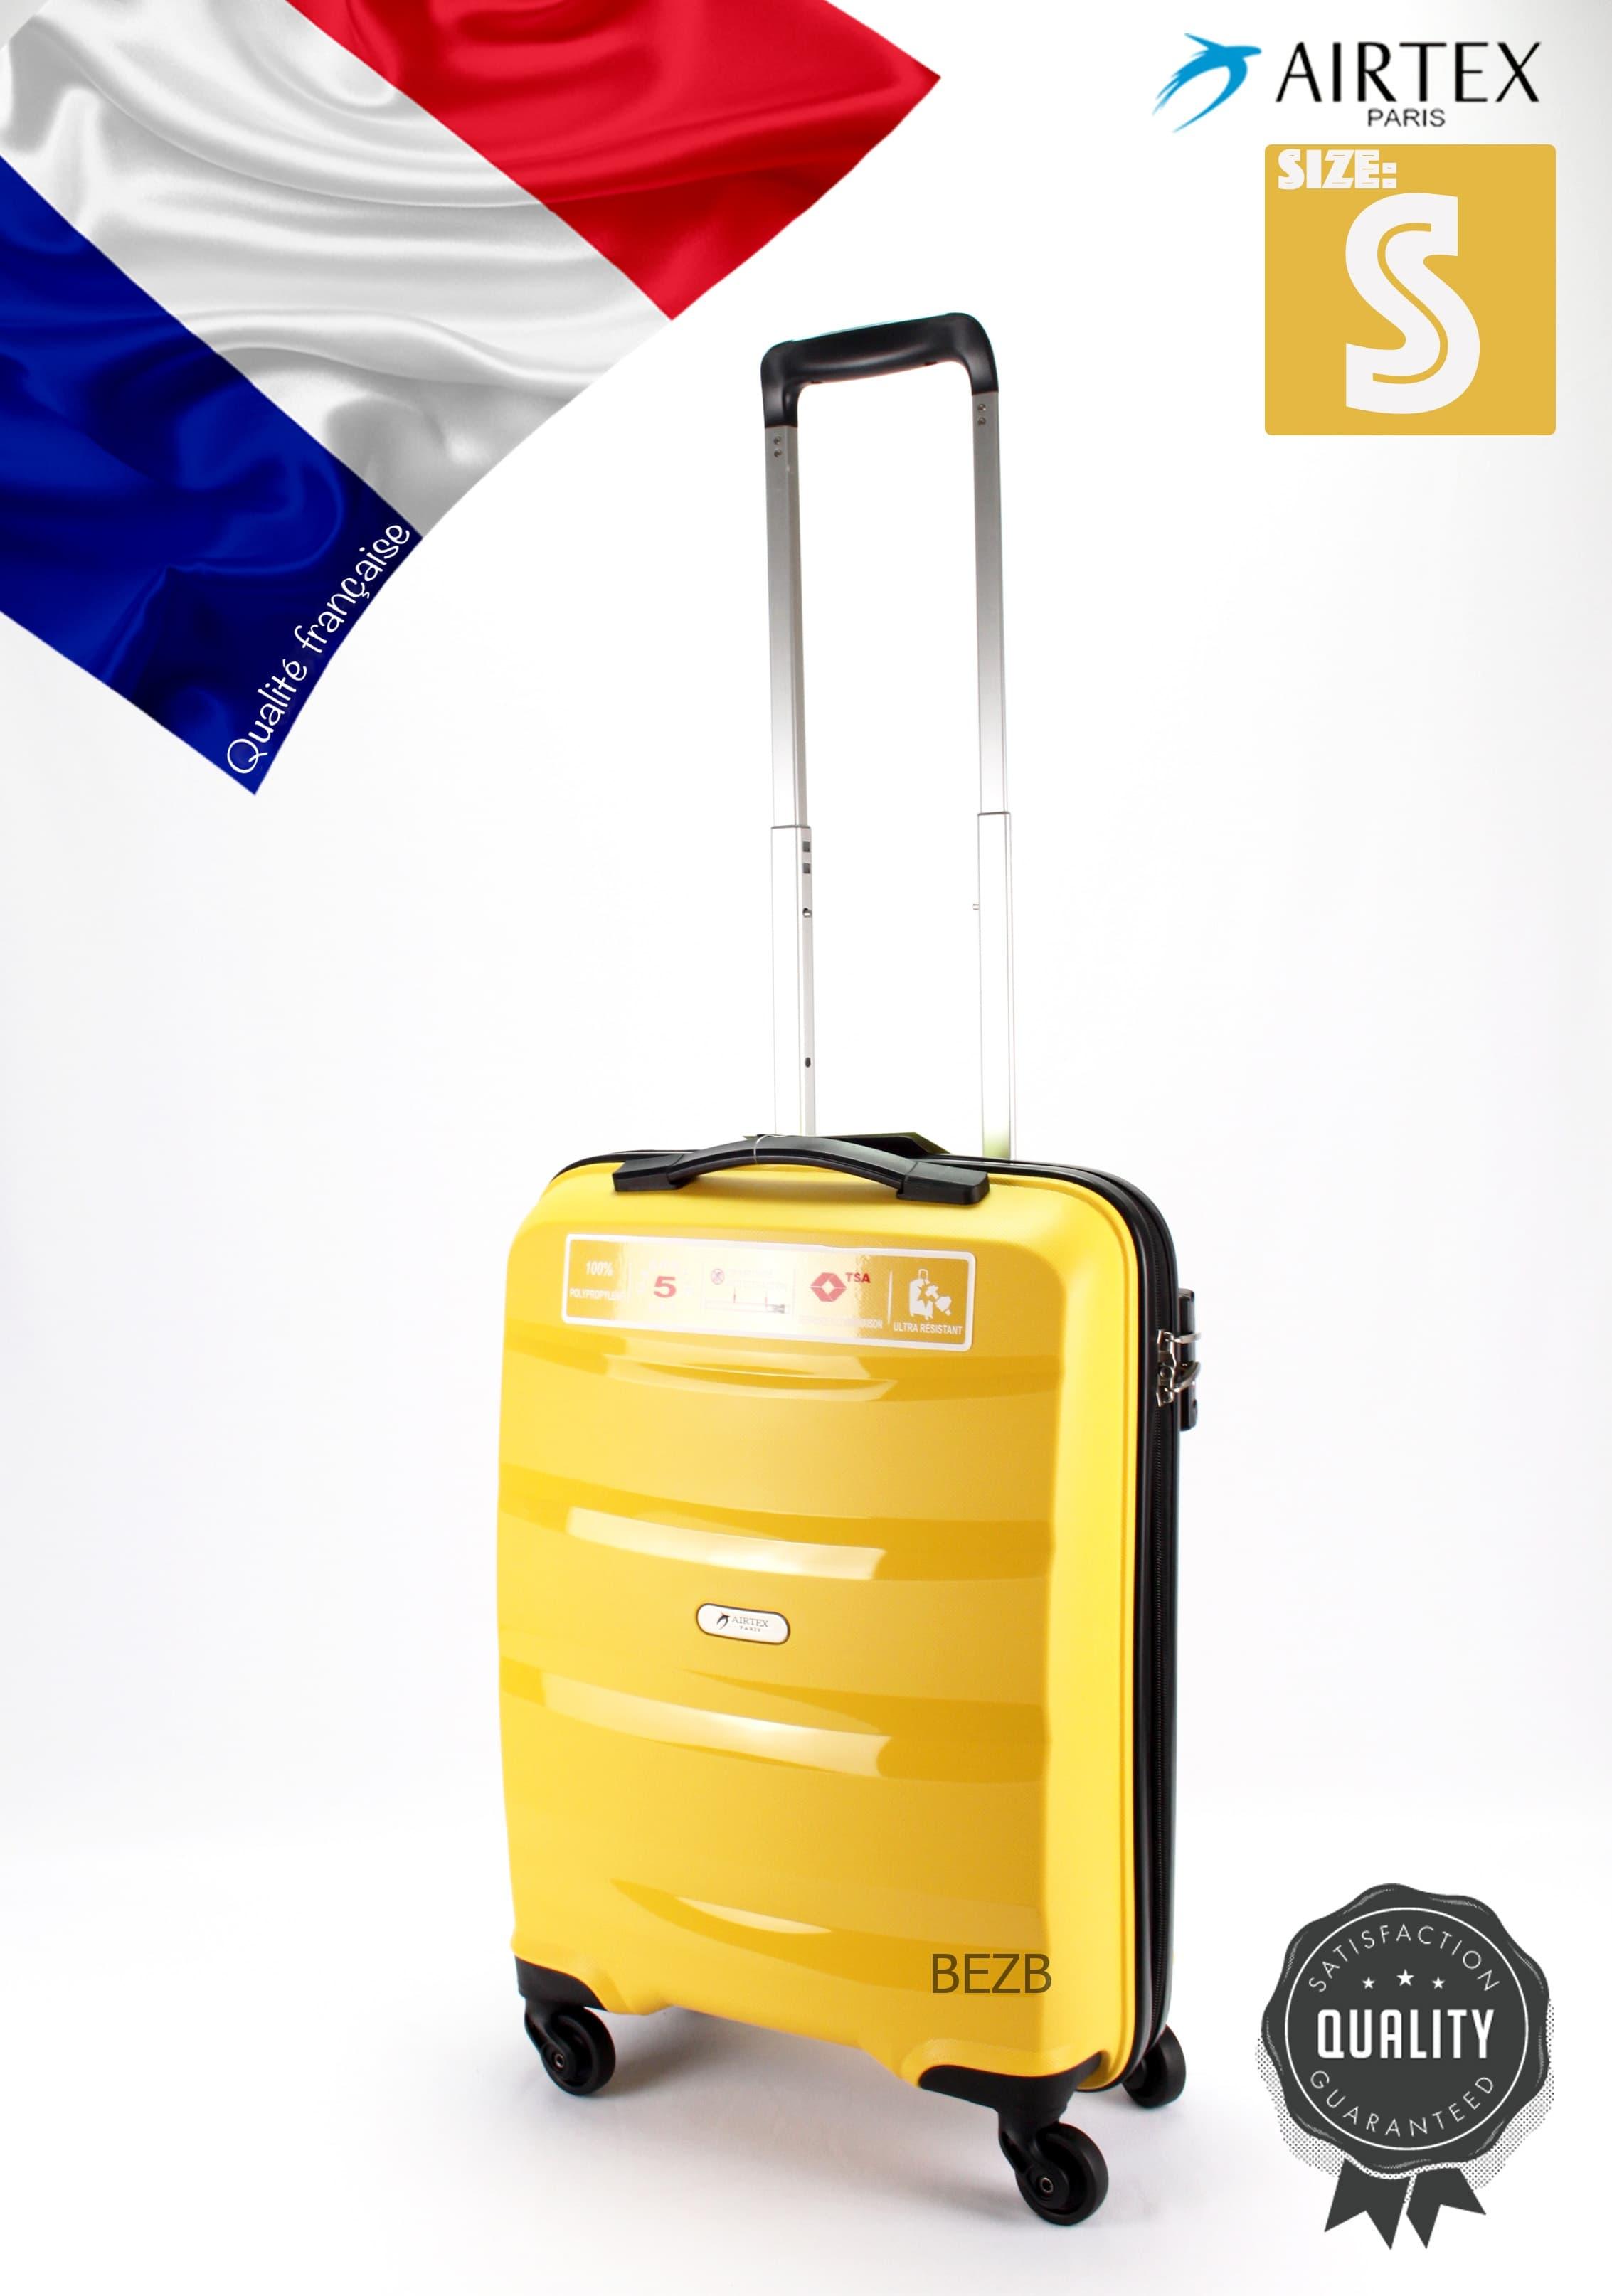 Valiza din polipropilena NEW STAR 229 S LIMON Pt bagajul de maina ,pina la 7/10 kg